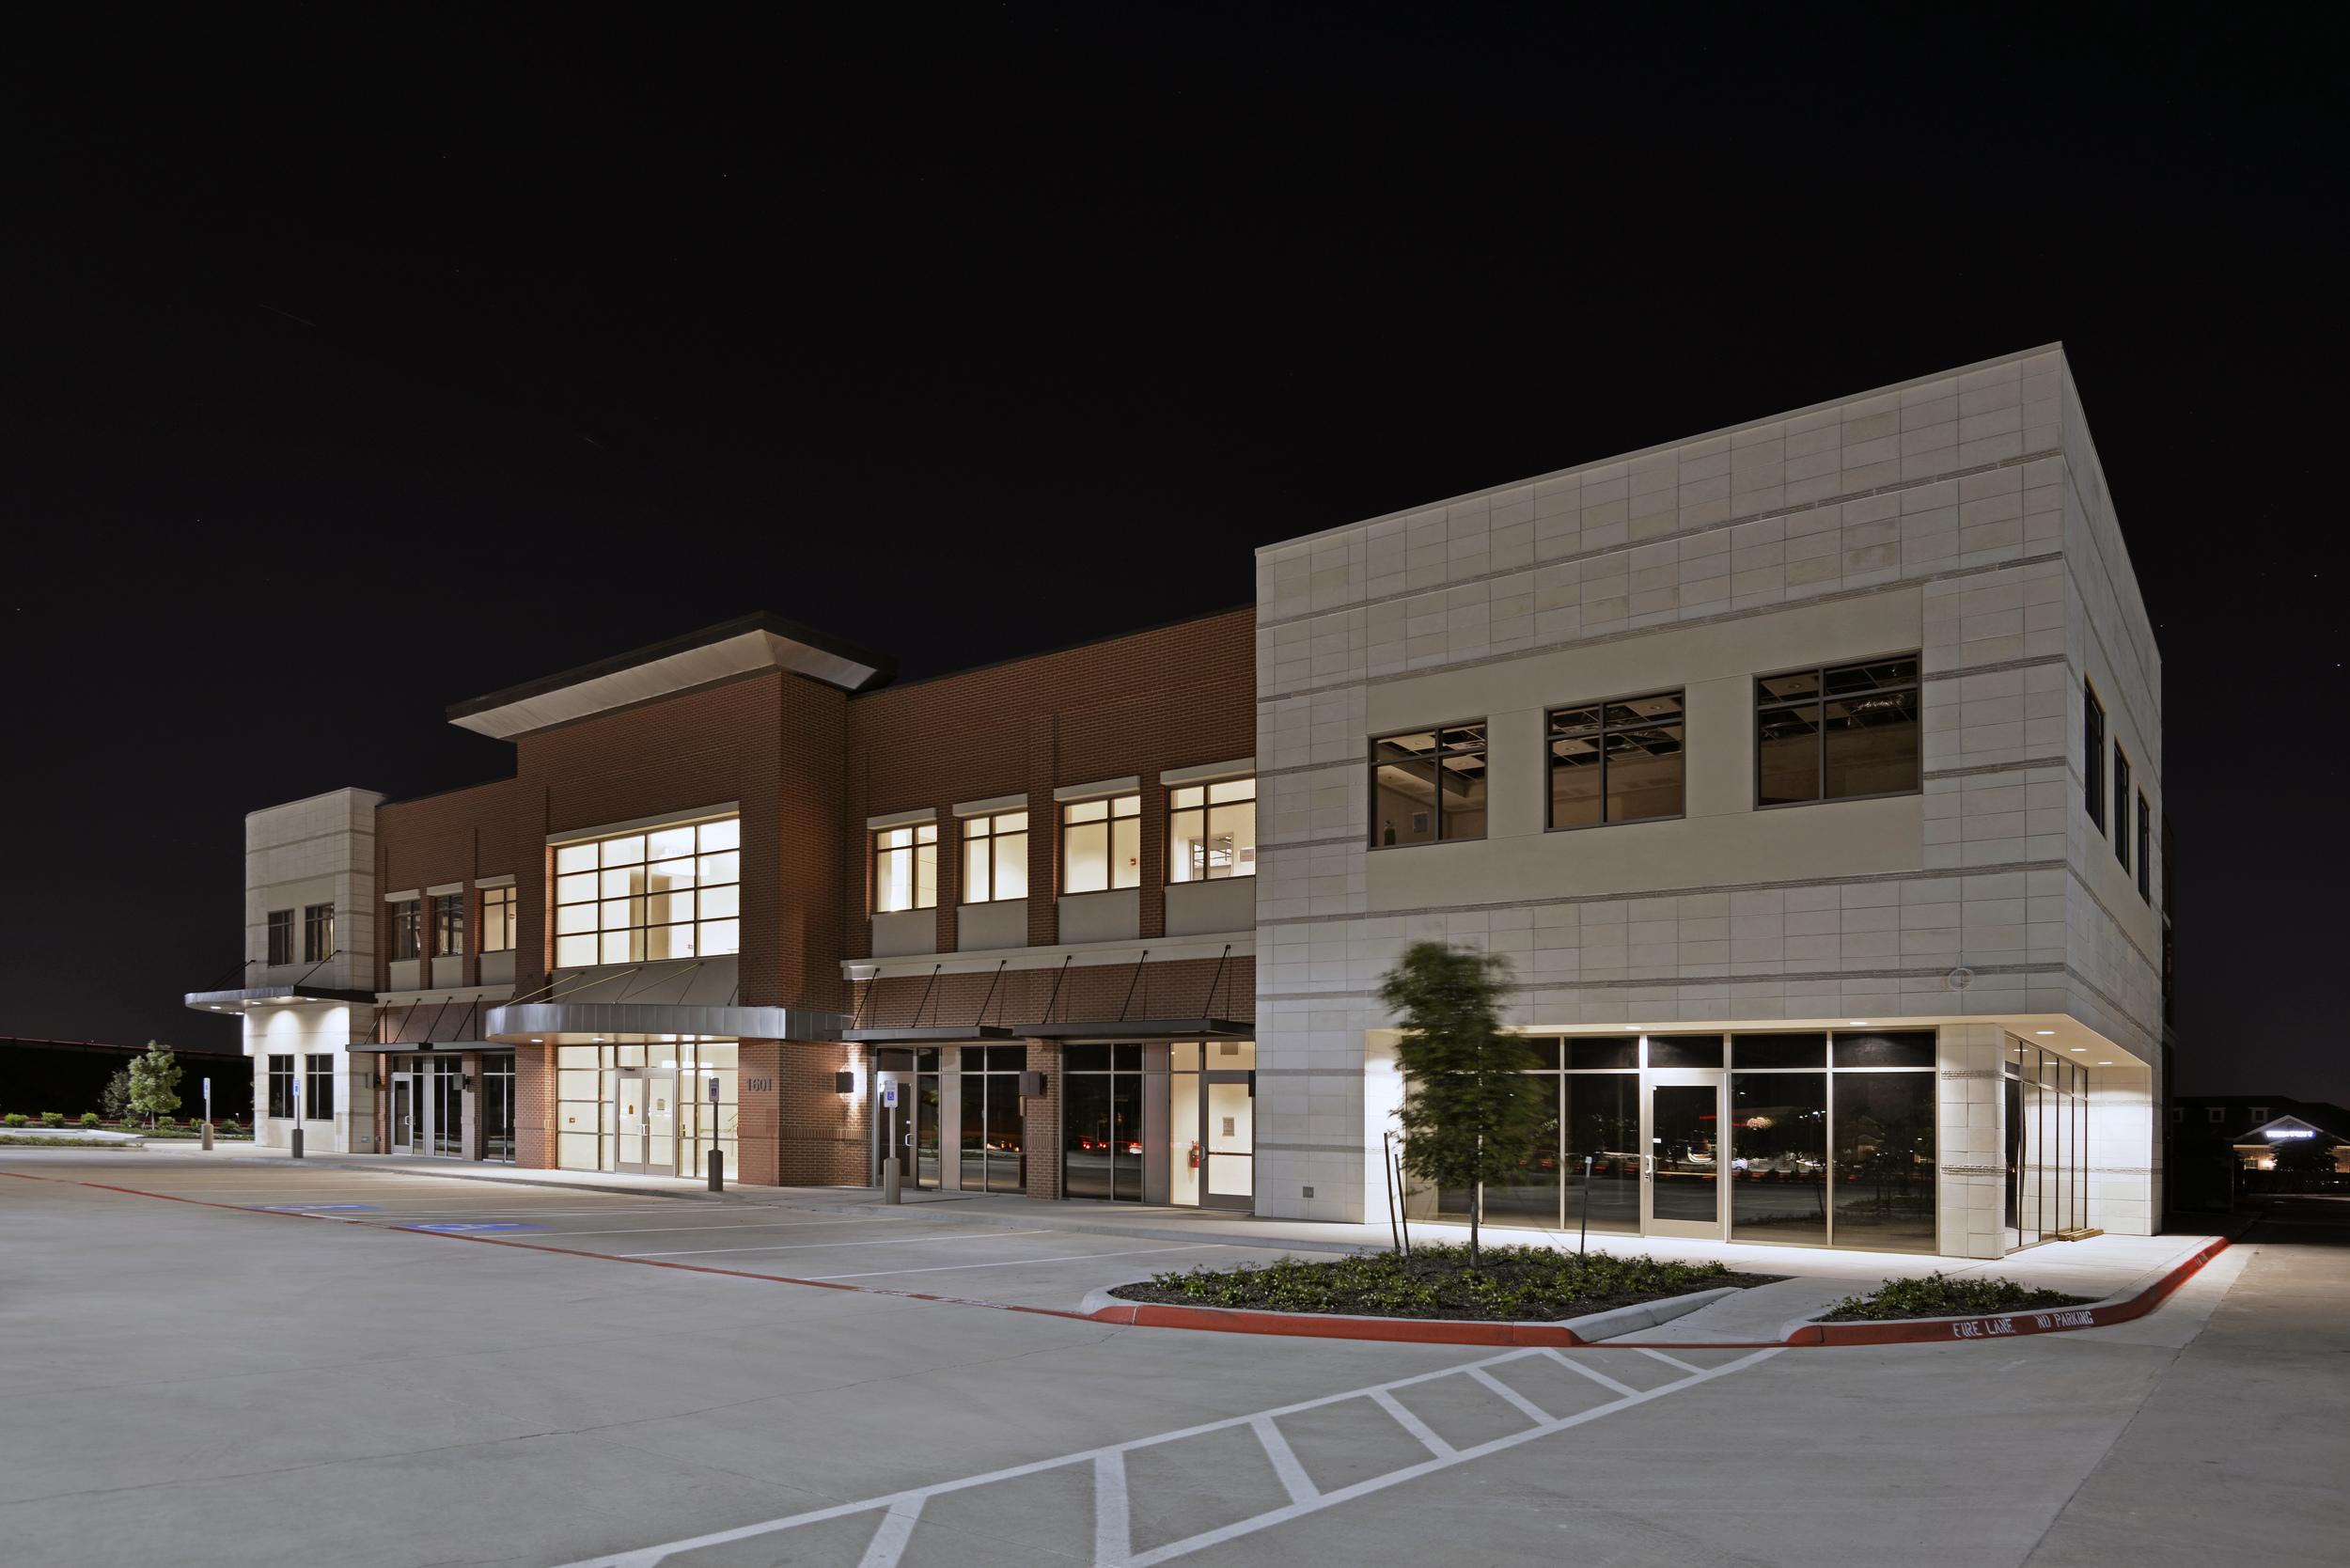 121 Centre, Carrolton, TX